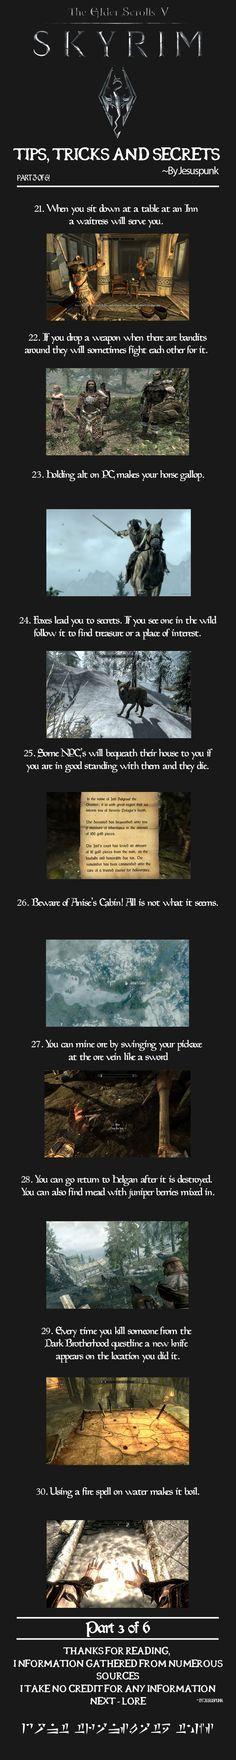 Skyrim - Tips, Tricks and Secrets! {Part 3}